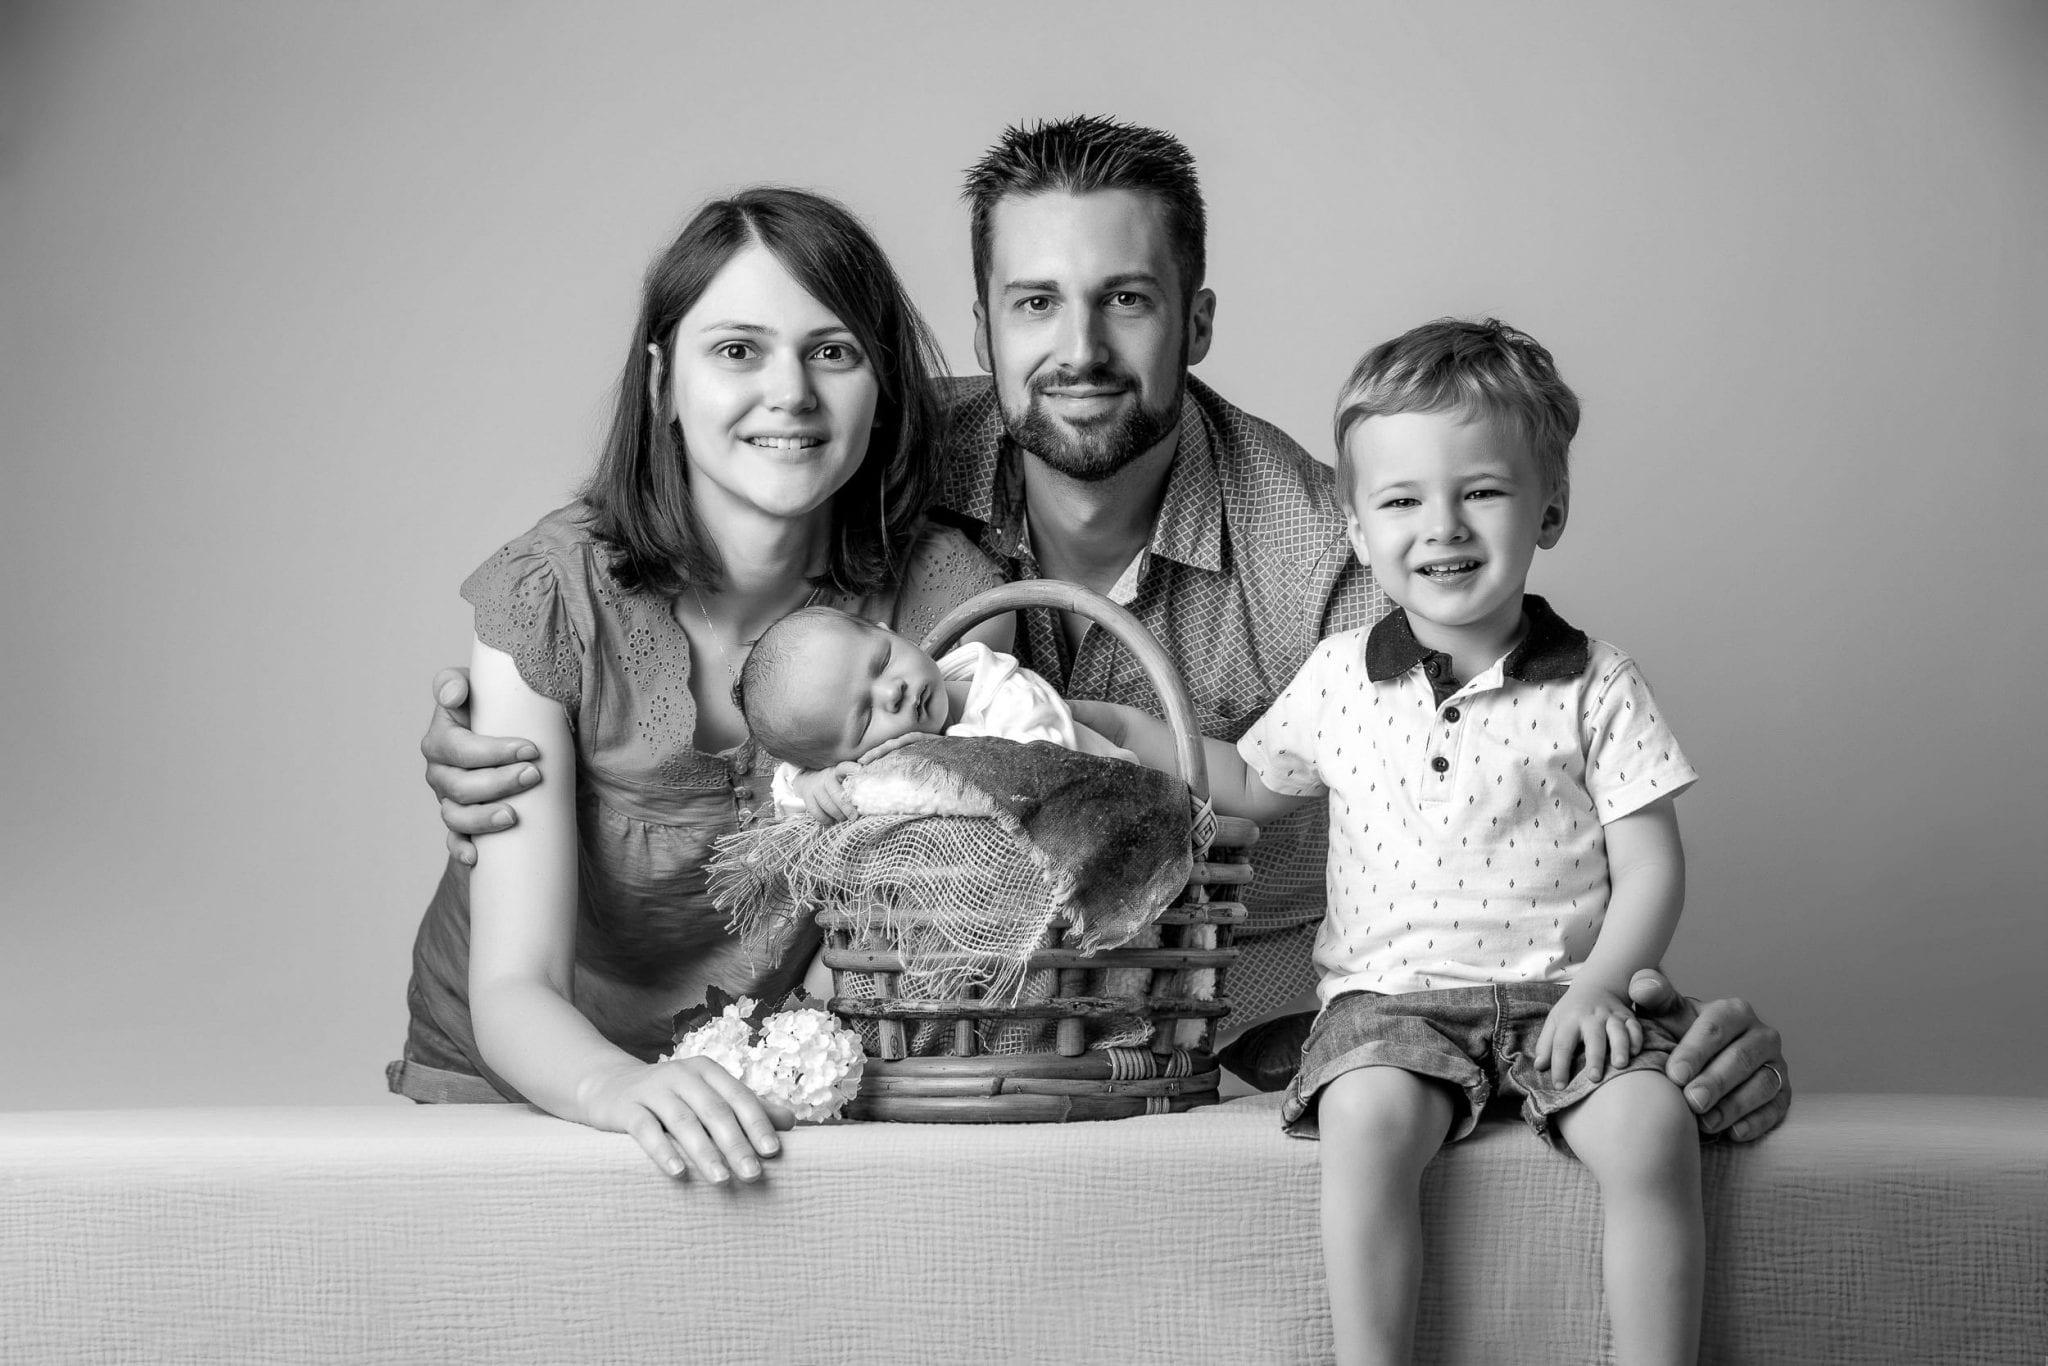 photographe artistique de bébé et famille Studio END